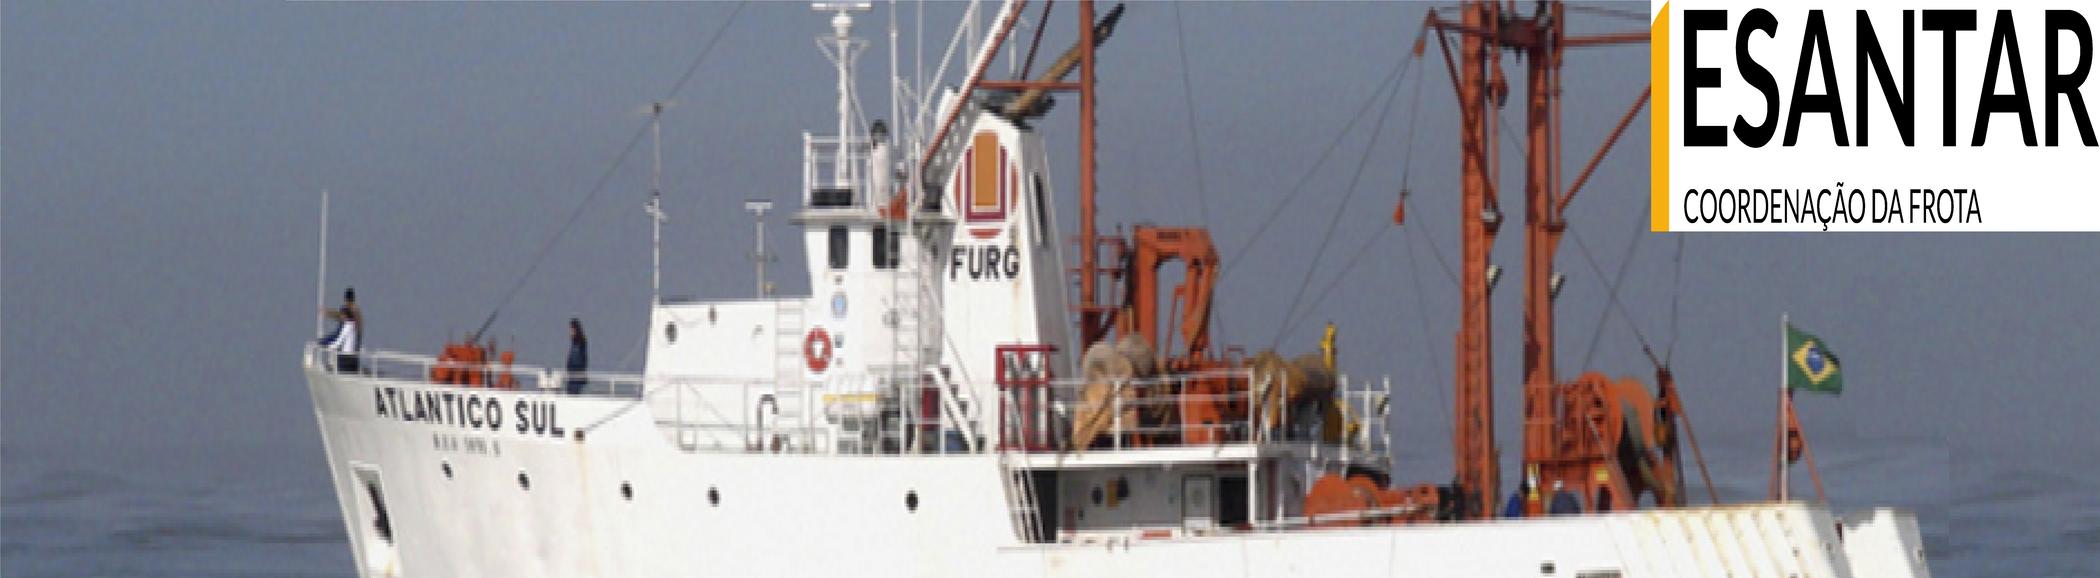 Esantar Frota FURG